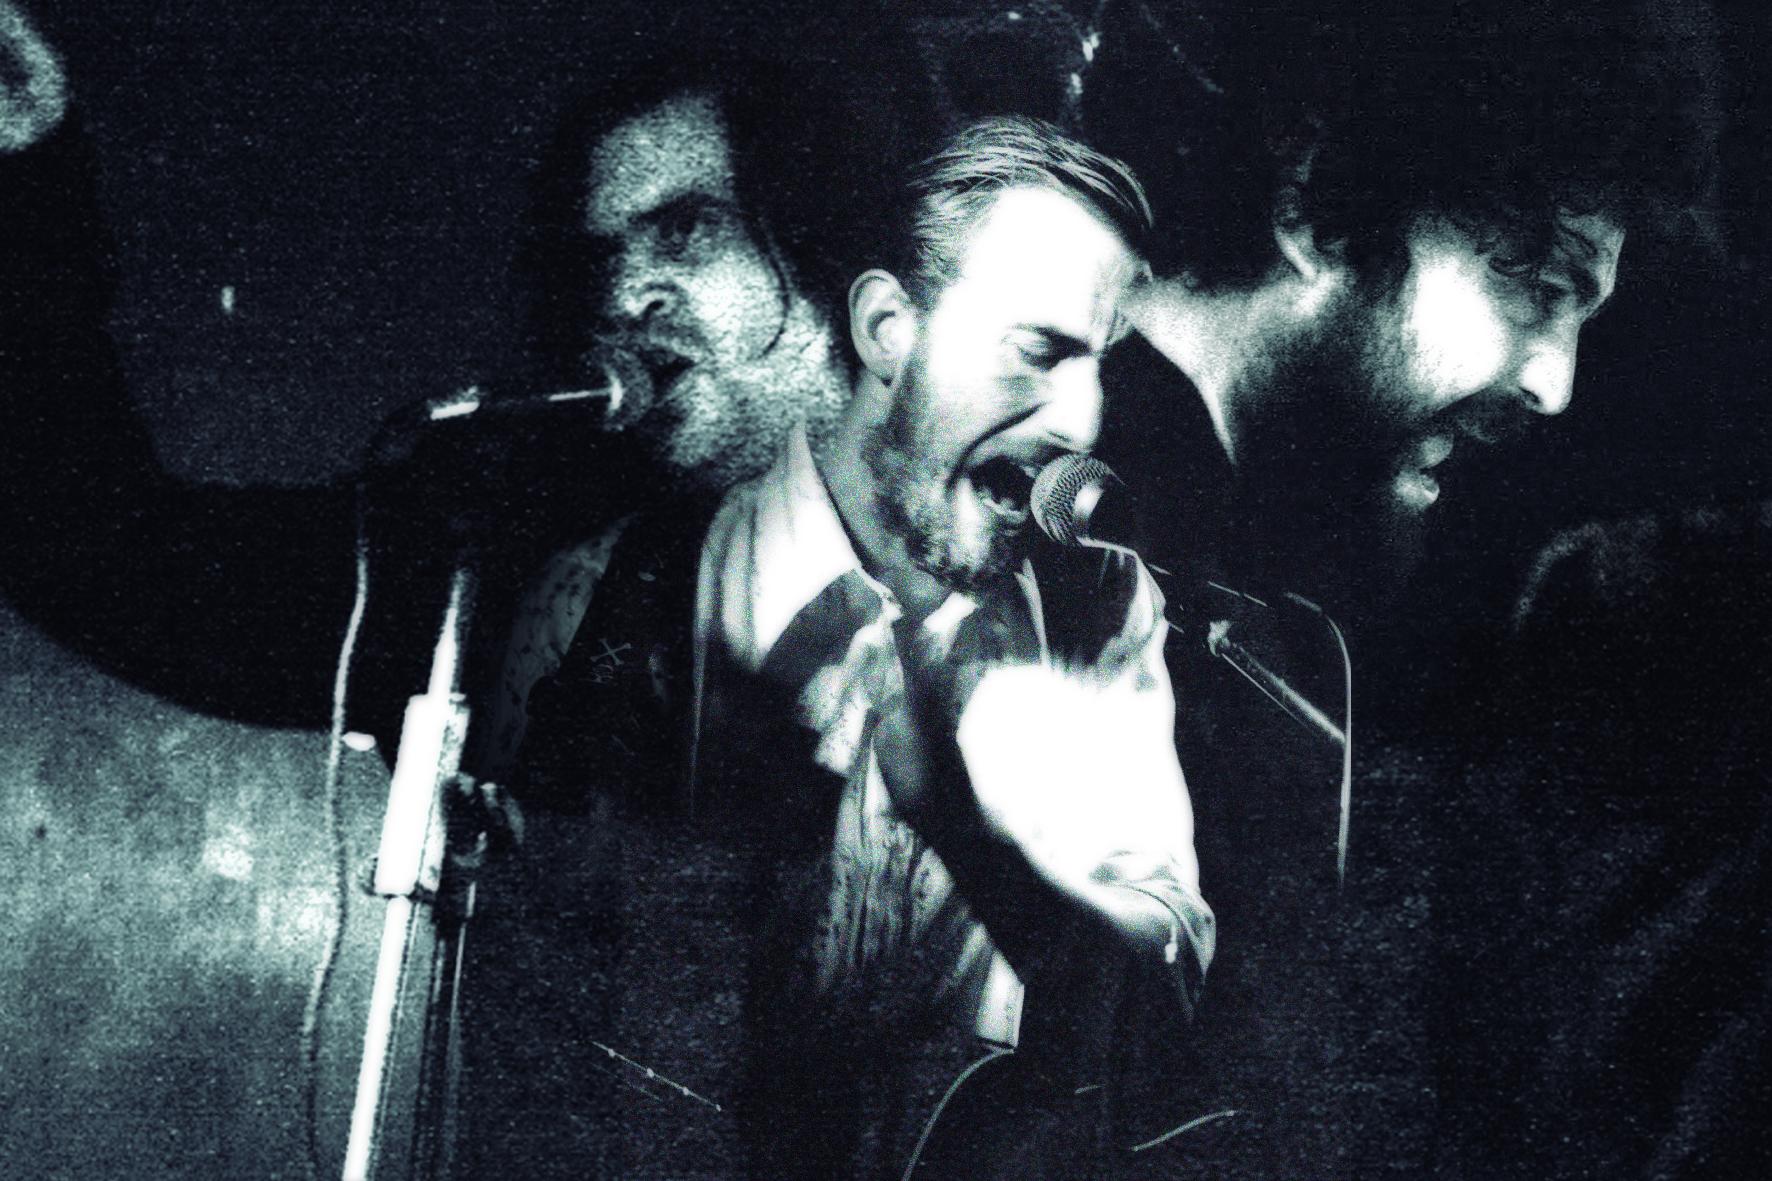 Medievo y Pablo Und Destruktion, juntos en Funeral de Estado